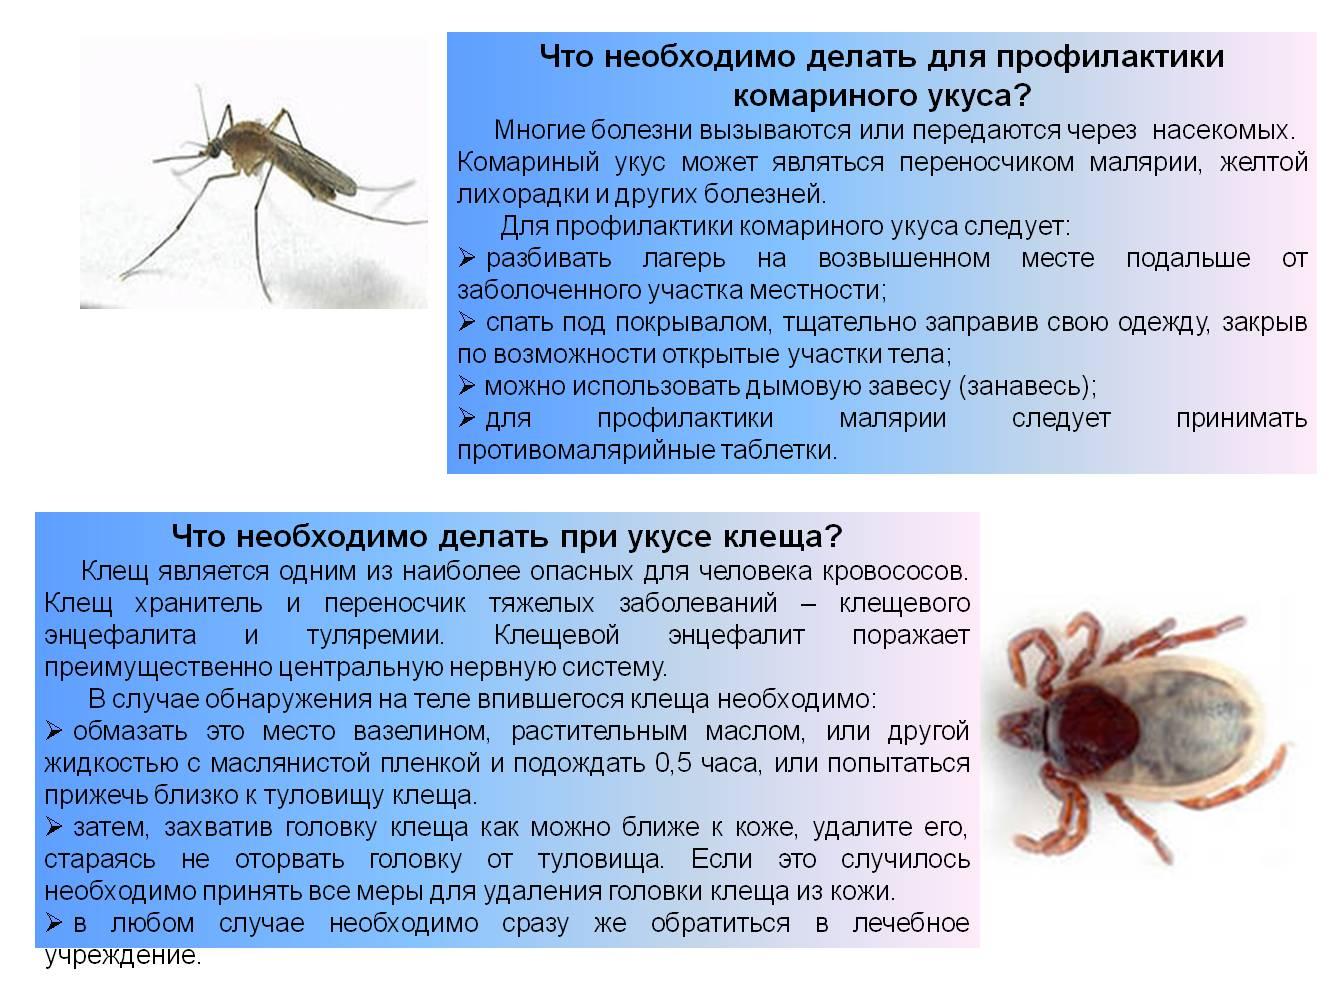 Москиты – описание, виды, места обитания